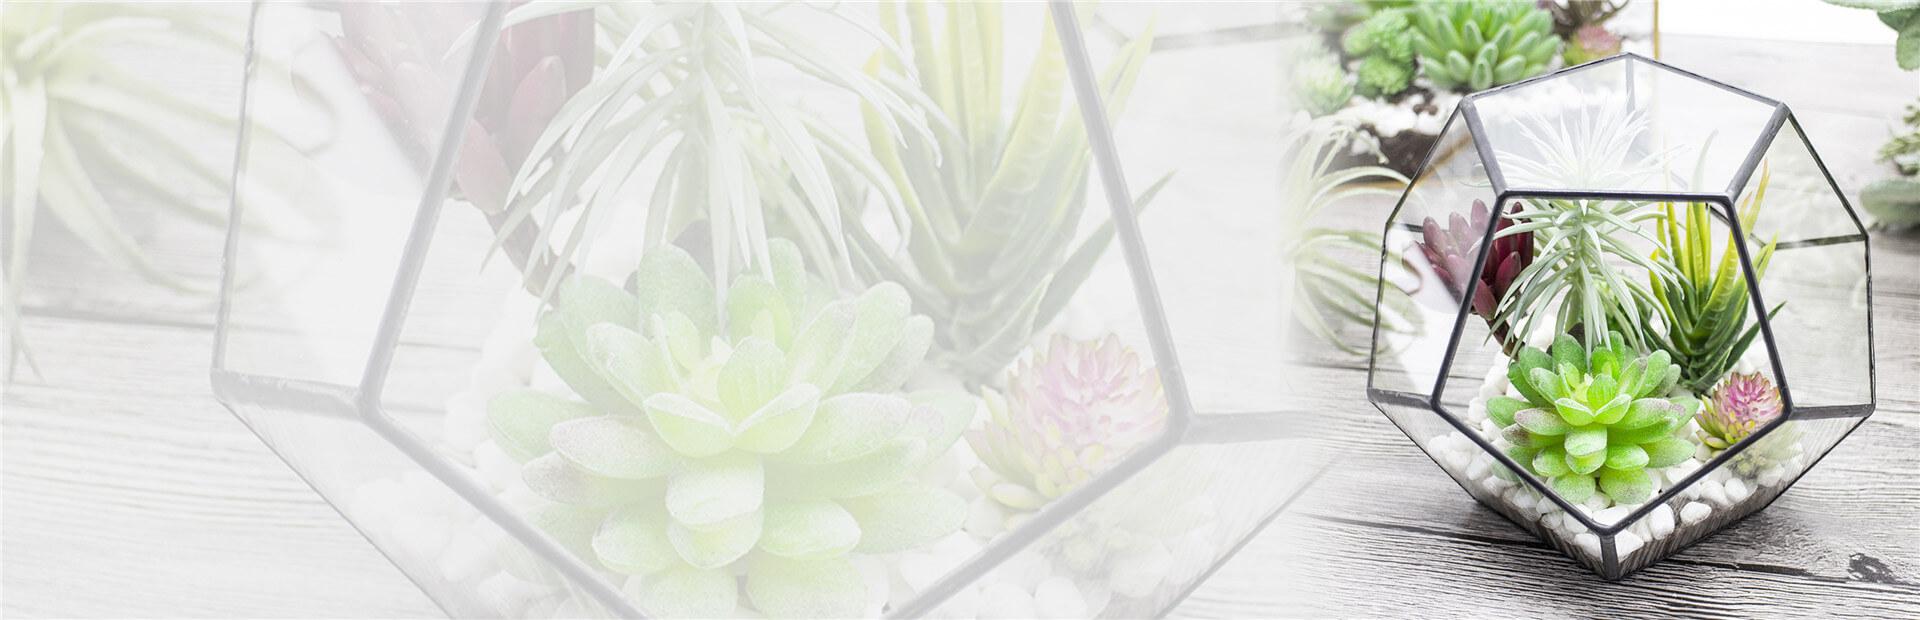 succulent terrarium banner